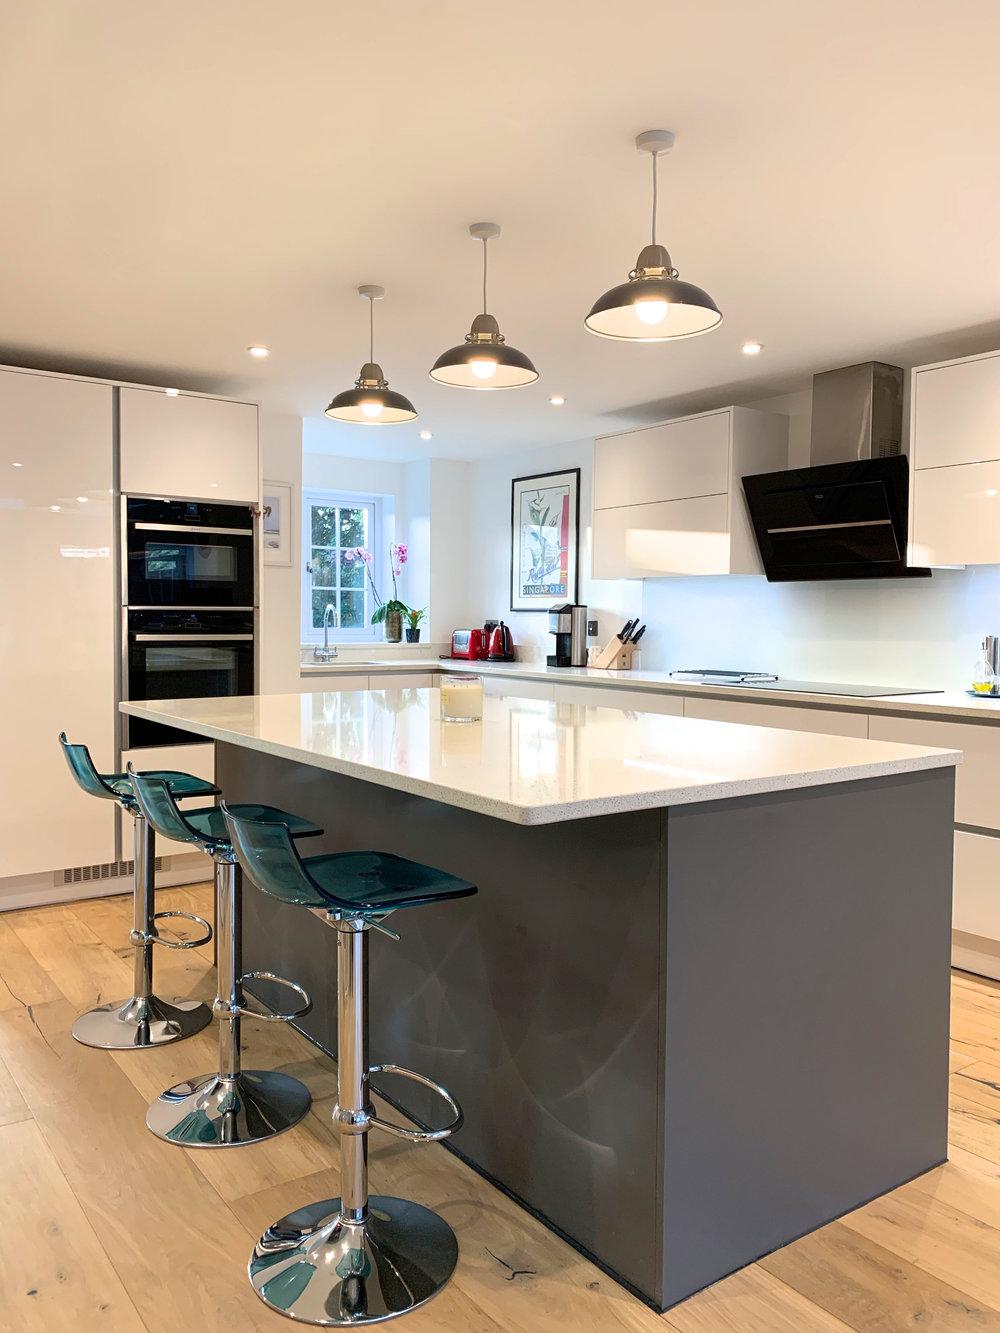 True Handleless Kitchen Wokingham Gloss & Matt Mix 1007.jpg